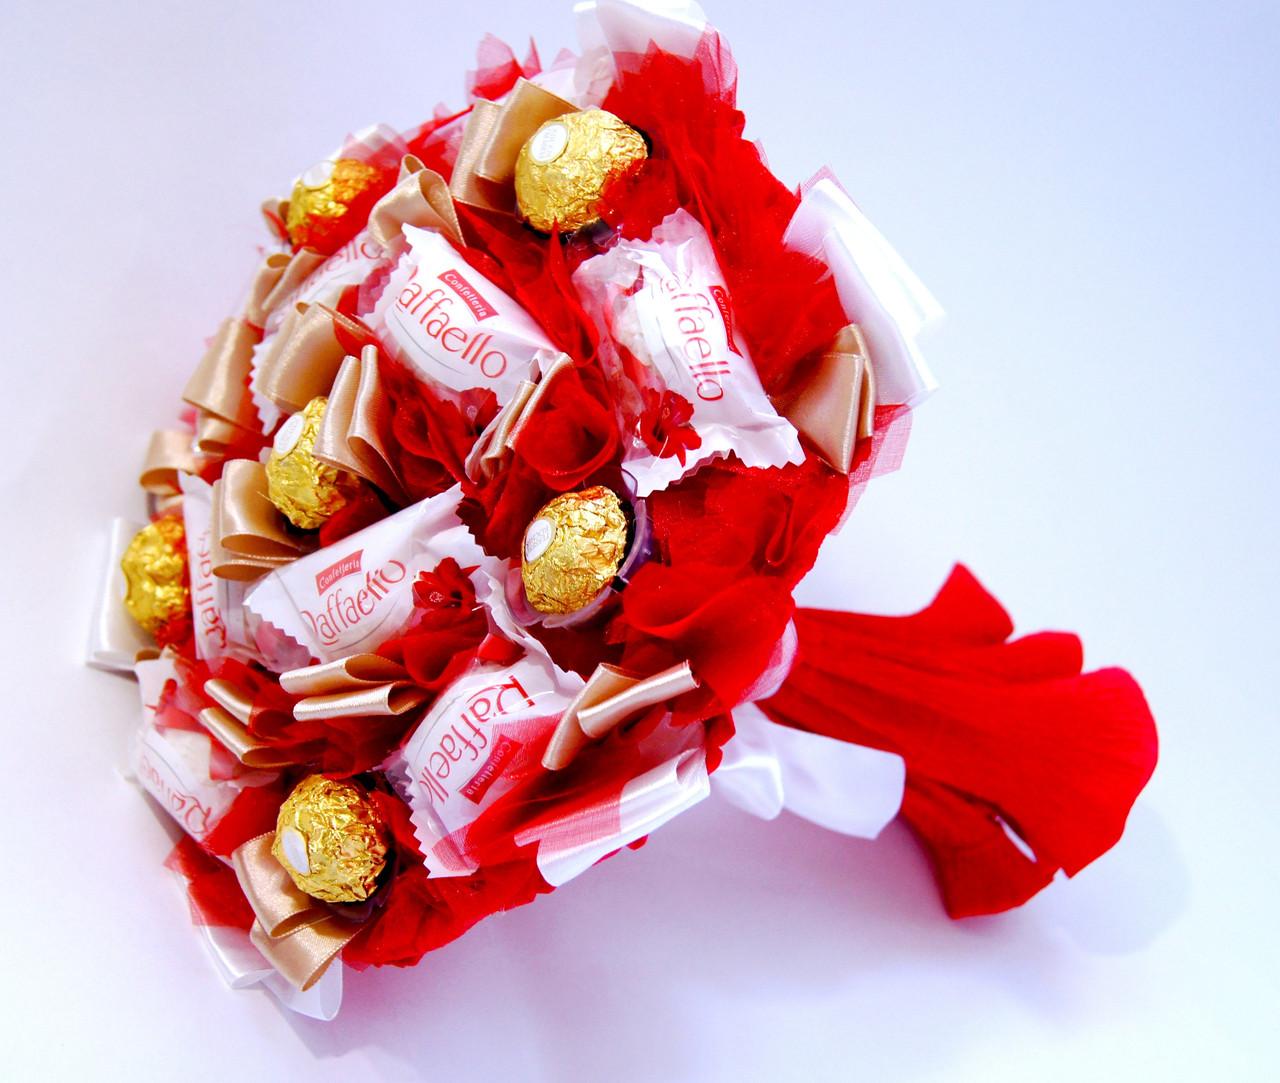 Букет из конфет своими руками - 120 фото идей простых и интересных букетов + инструкция изготовления своими руками. подробные схемы работы